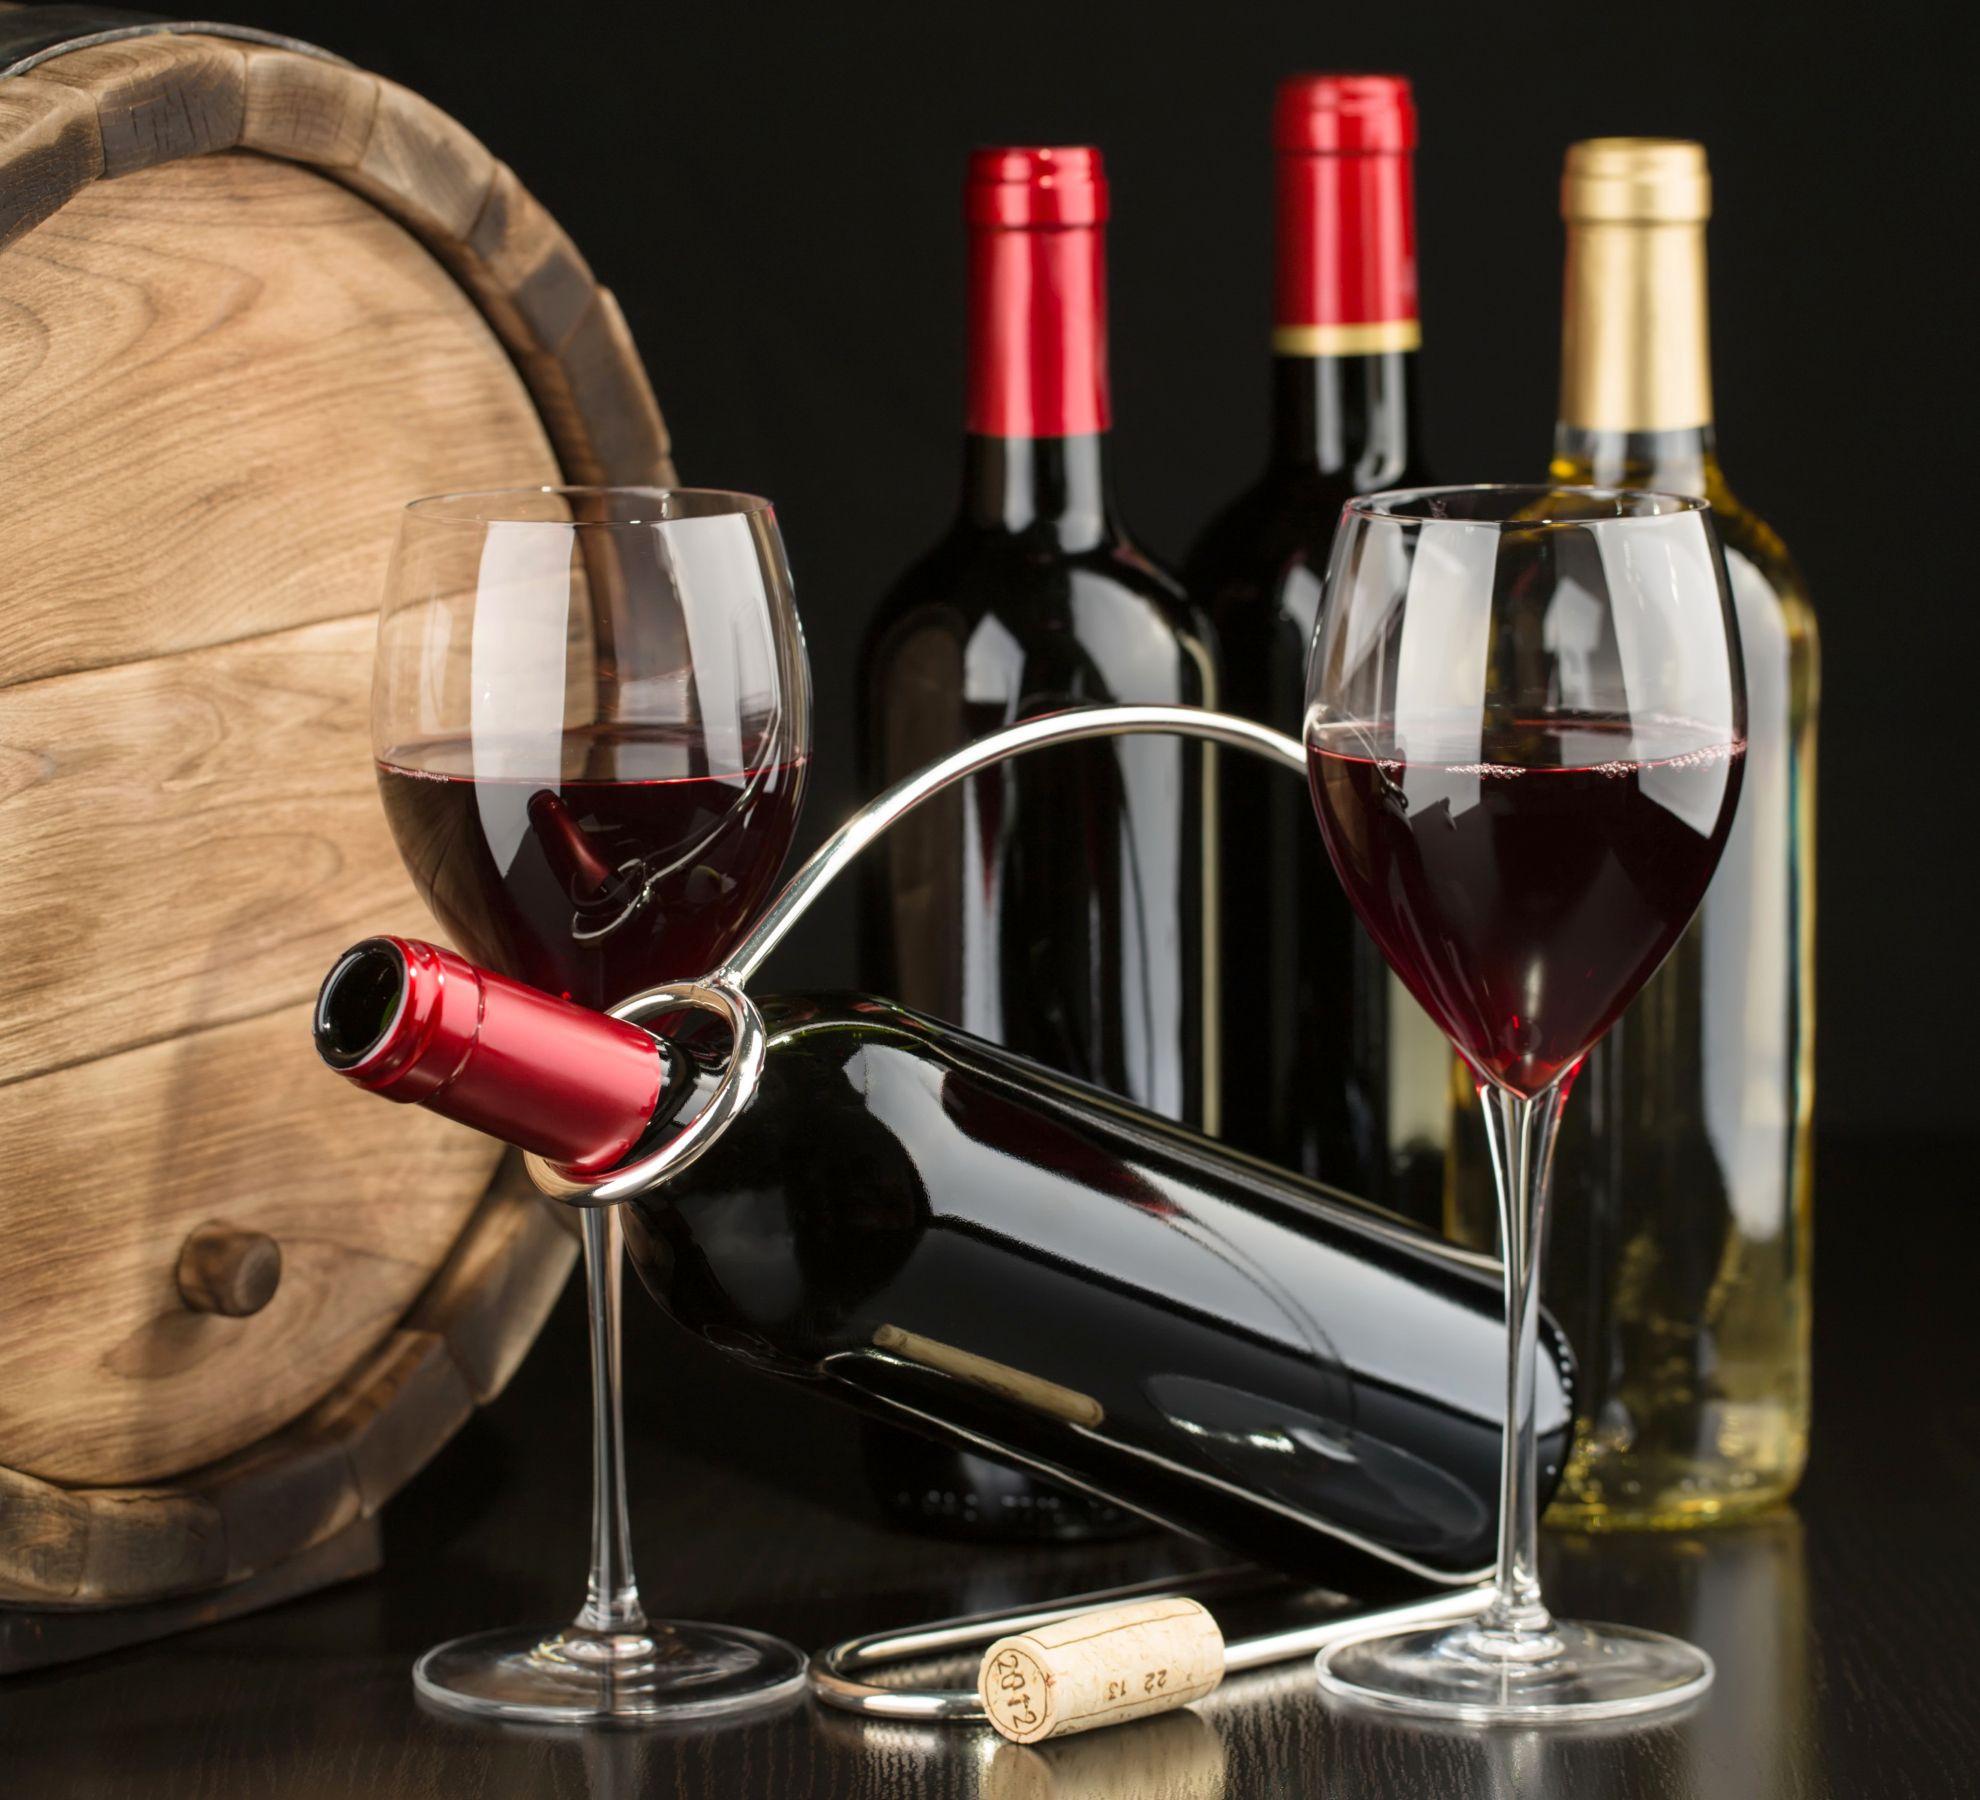 юные, напитки вино картинки того